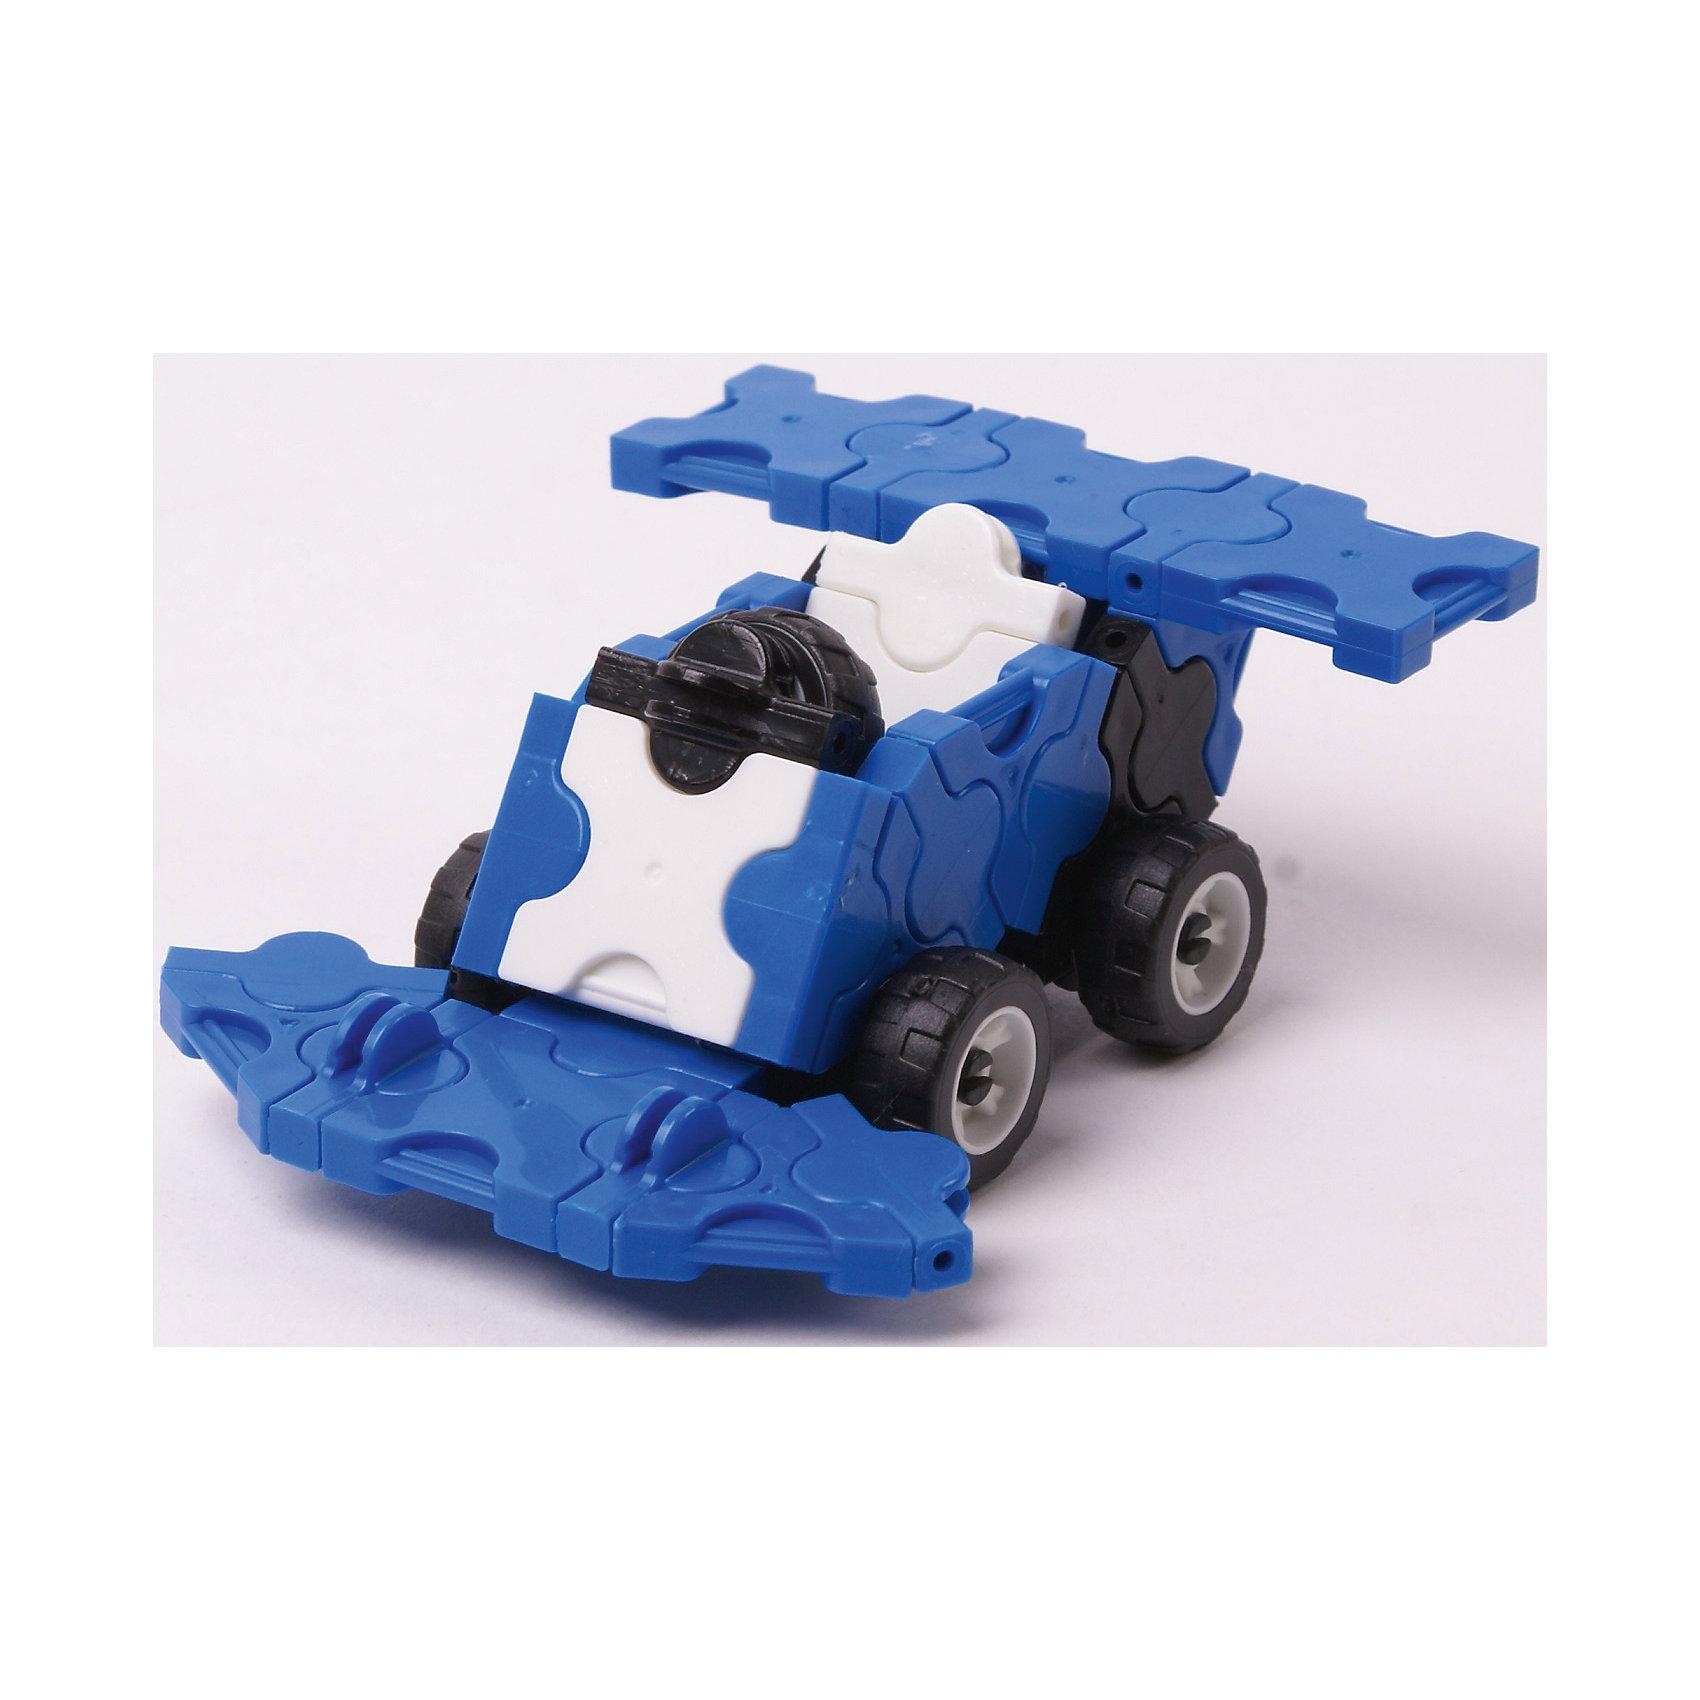 - Конструктор Автомобиль Спорткар синий, AVToys купить автомобиль мерседес в германии